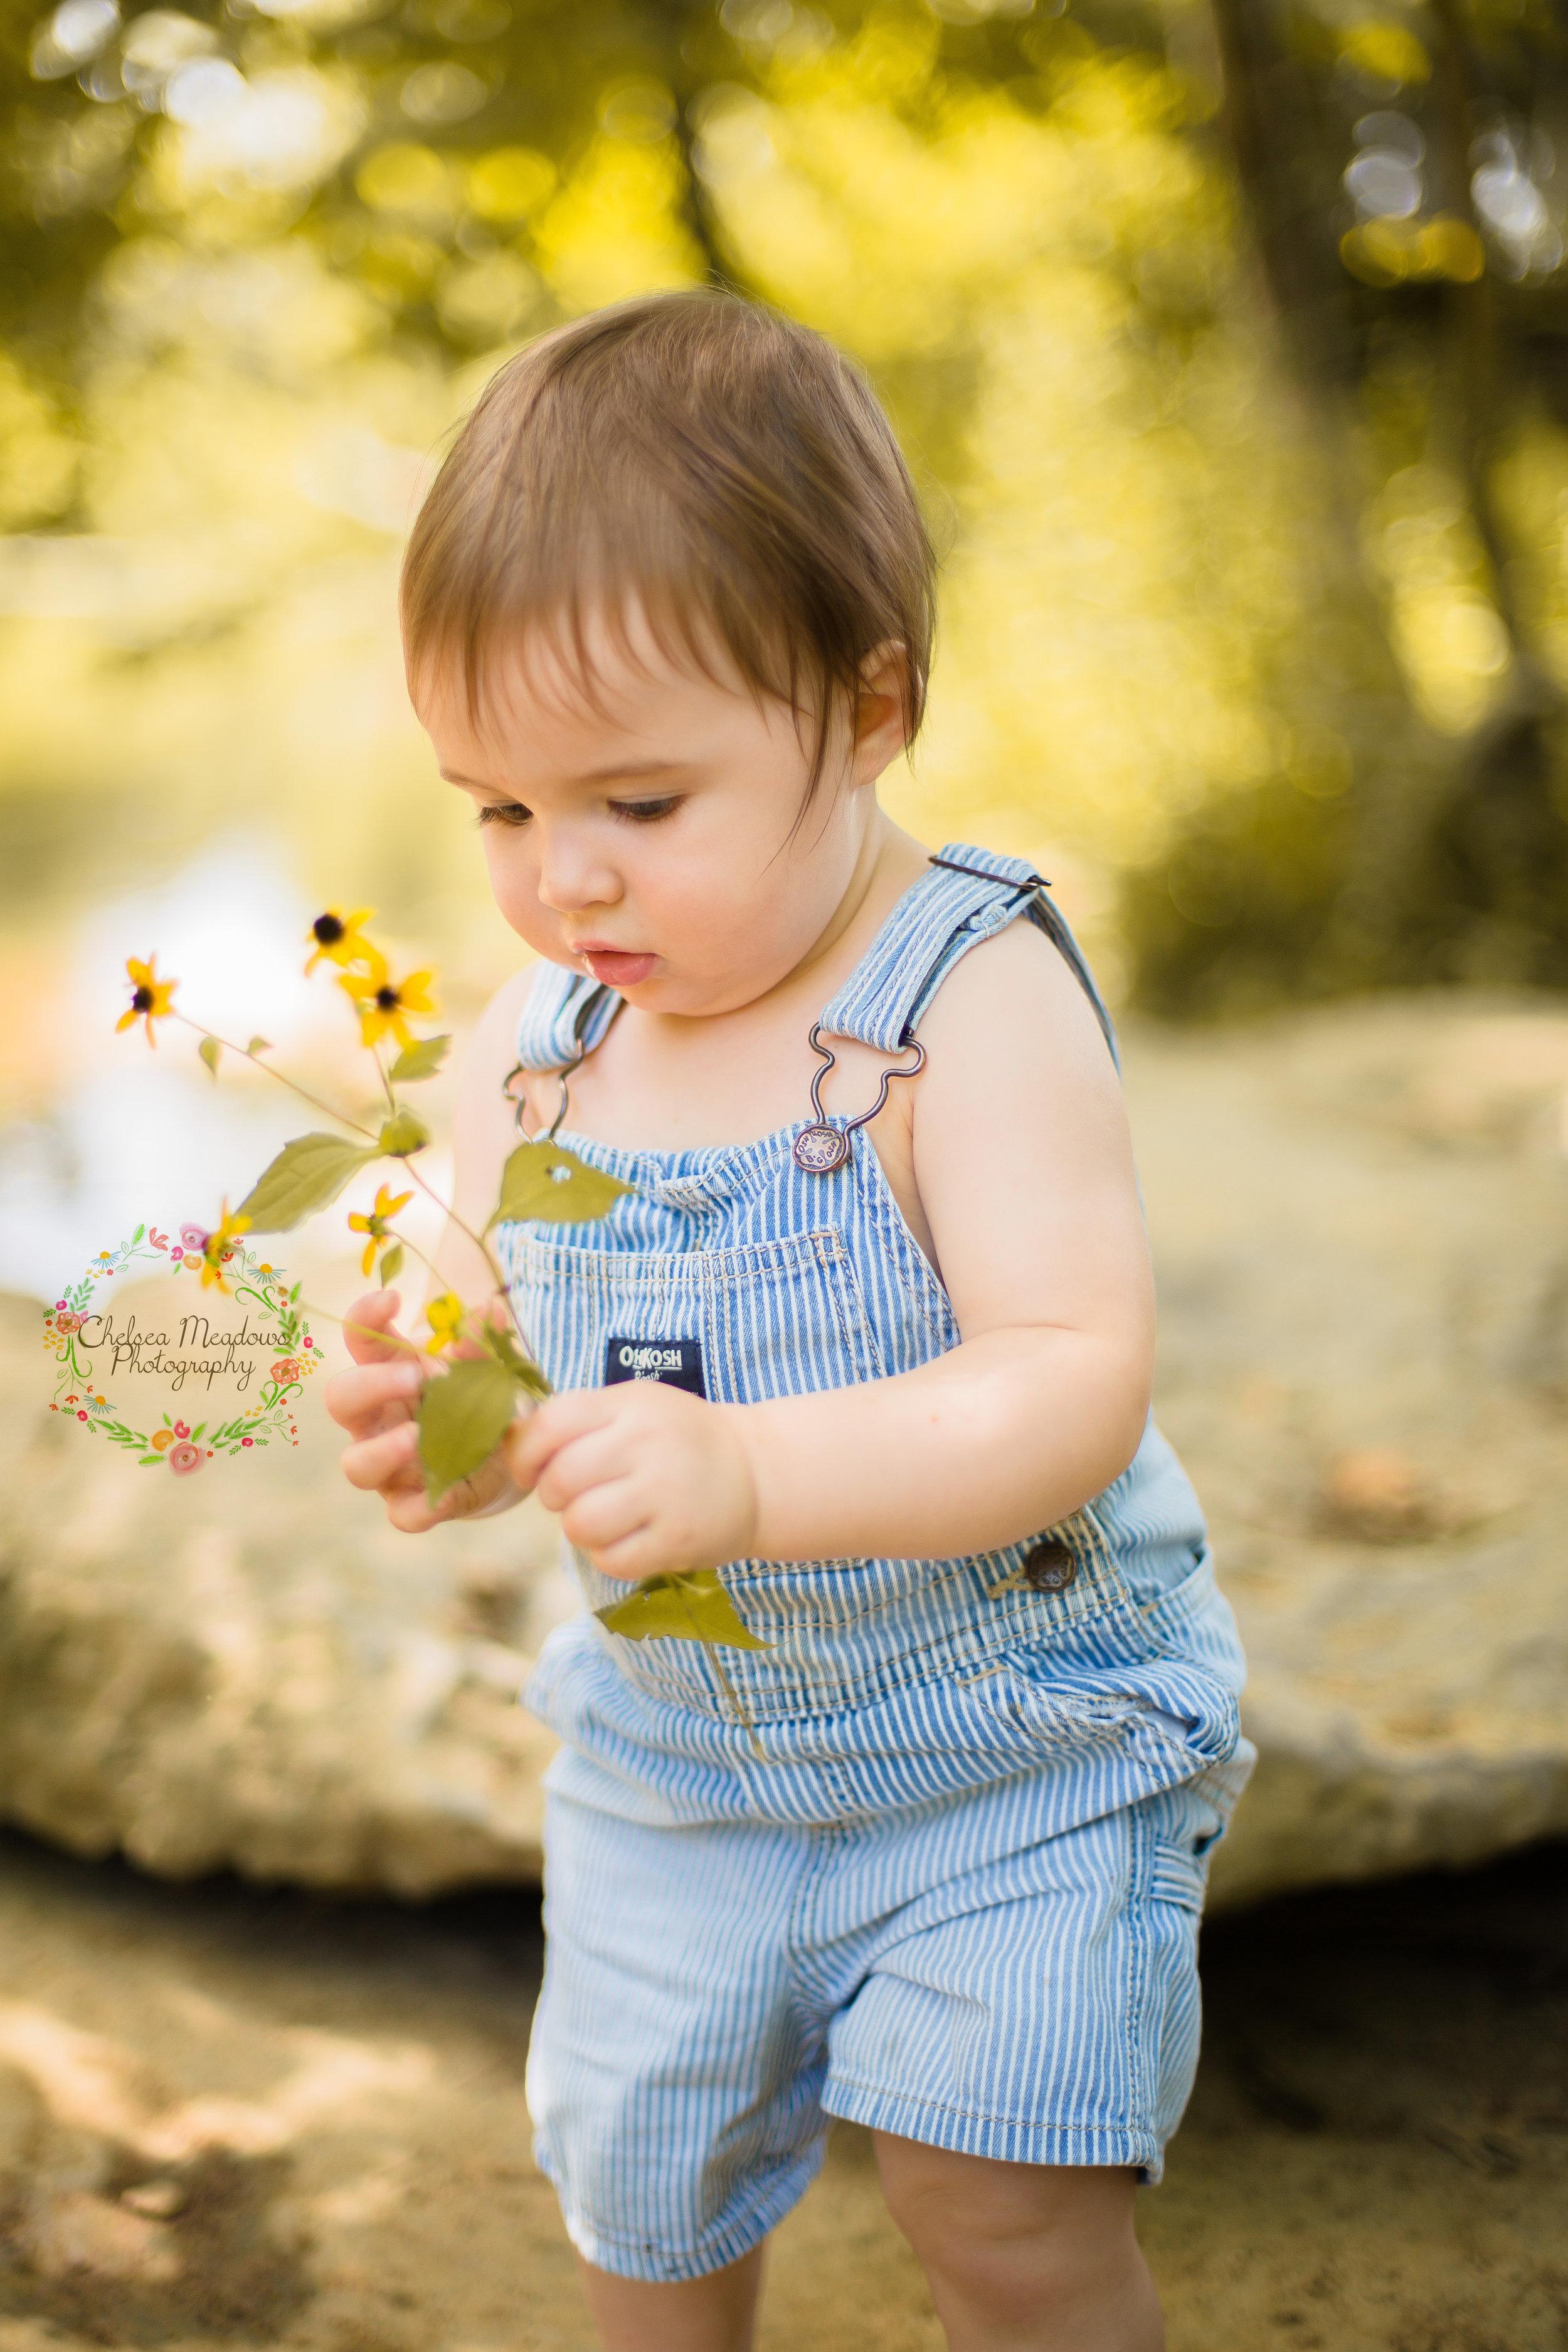 Rowans First Birthday - Nashville Family Photographer - Chelsea Meadows Photography (15).jpg